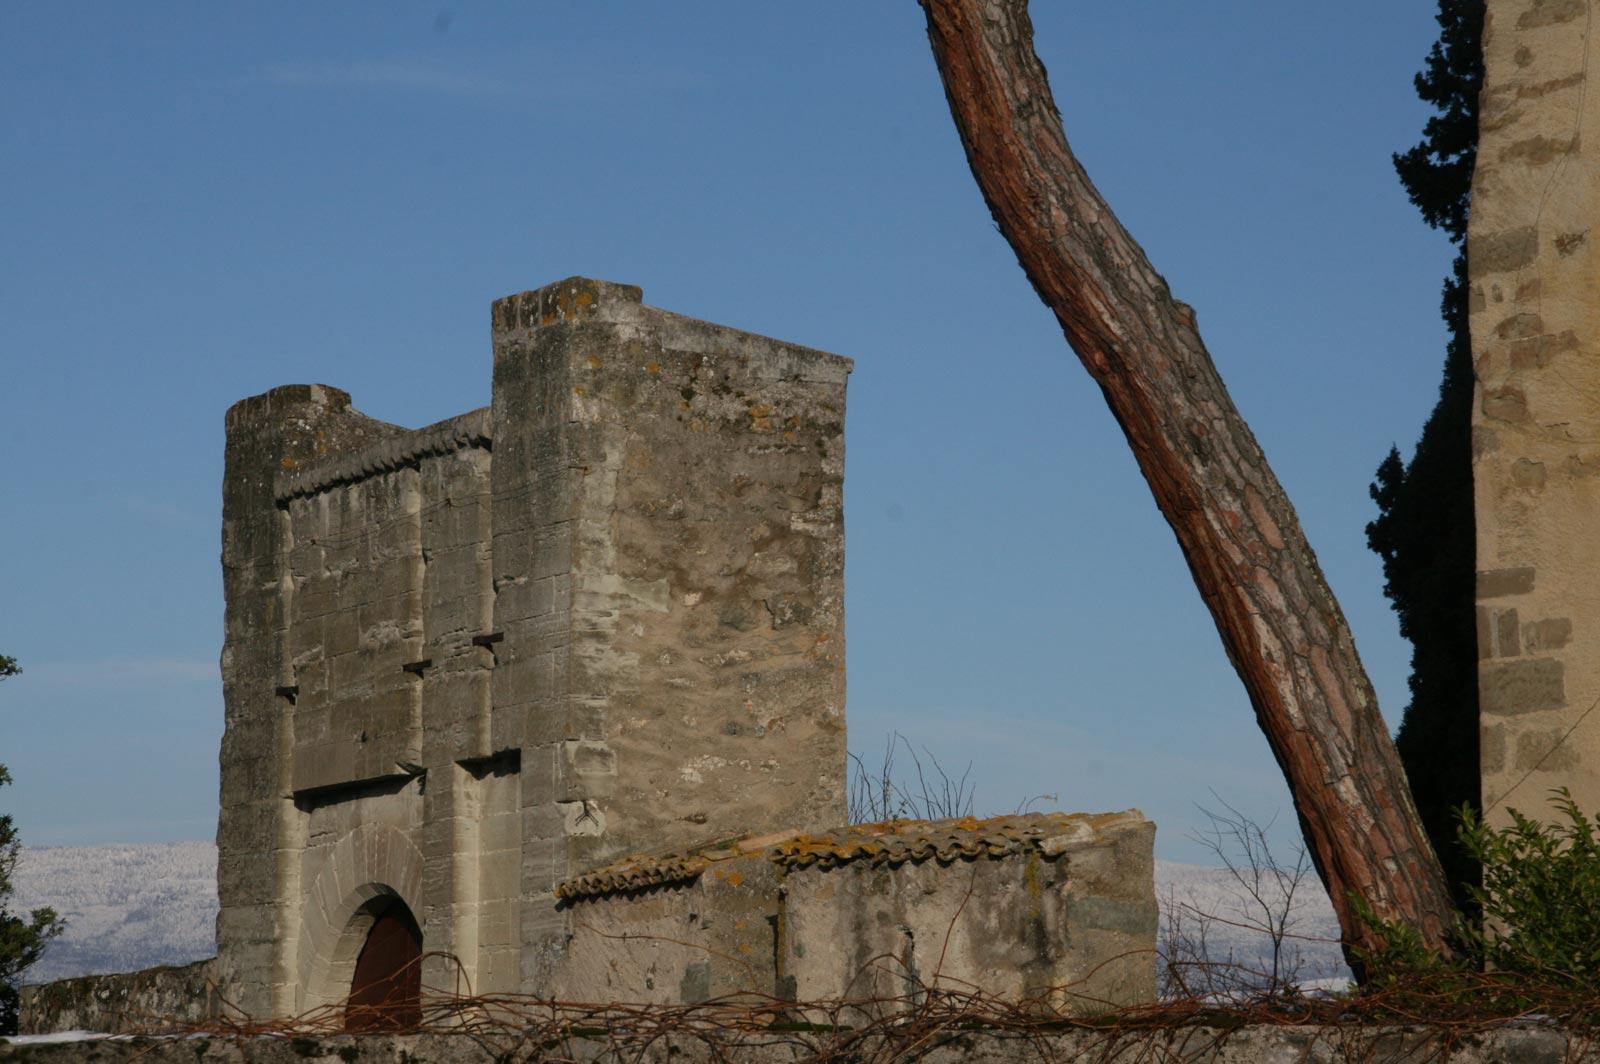 Ppont-levis du château d'Yvoire.